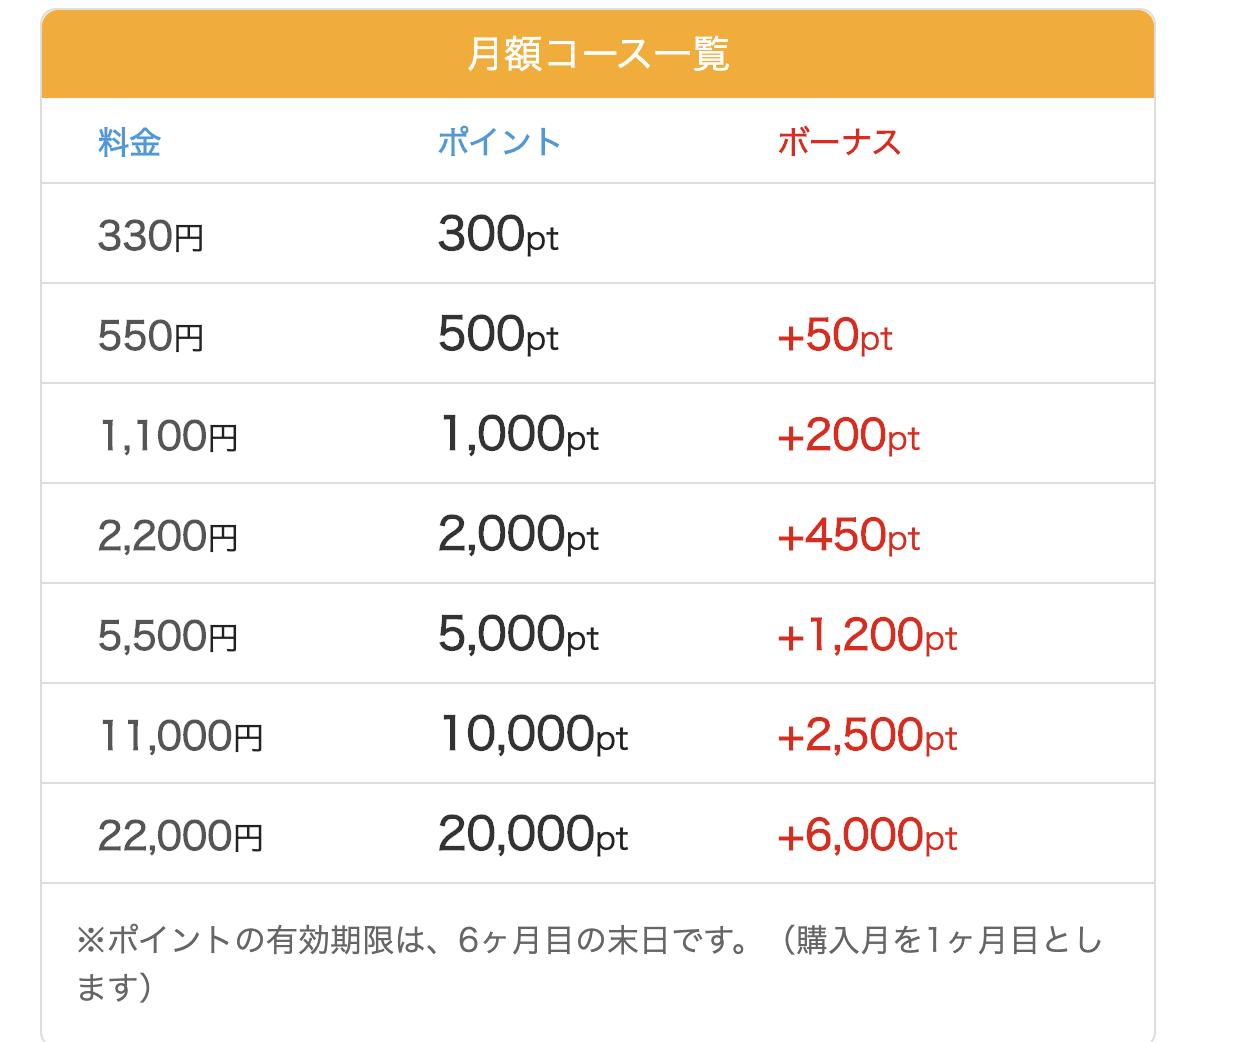 めちゃコミック料金